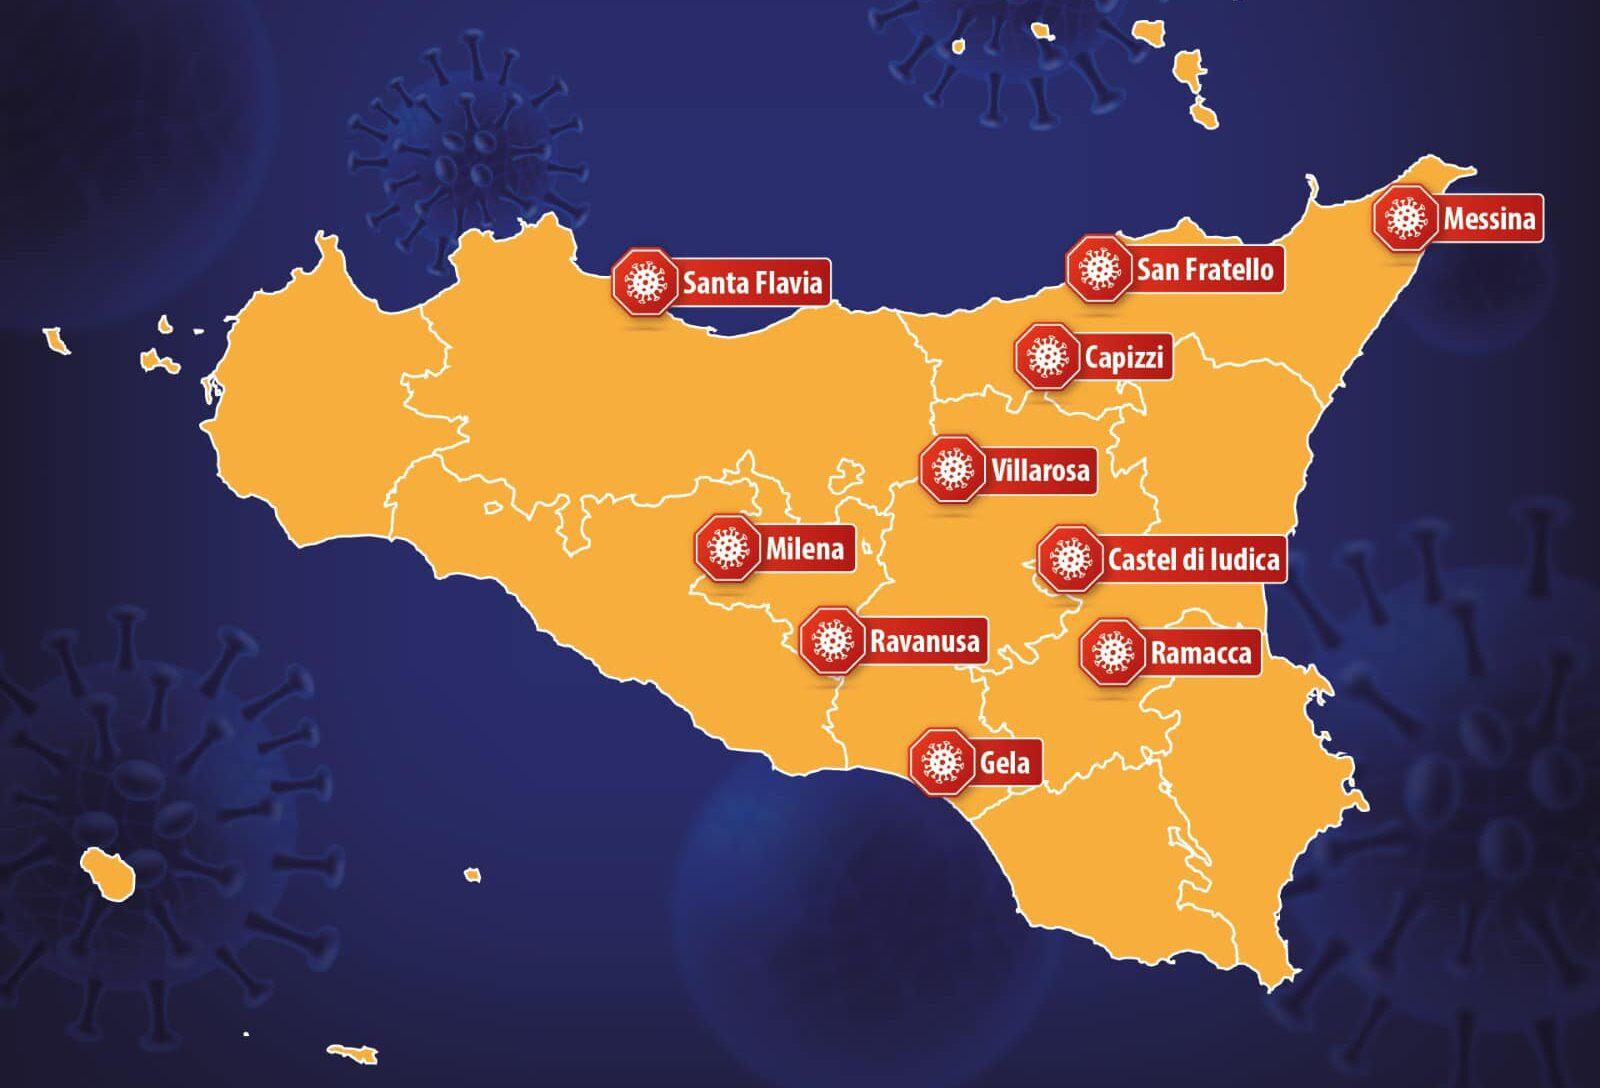 Coronavirus, in Sicilia sono 10 le zone rosse: da oggi anche Gela e Villarosa